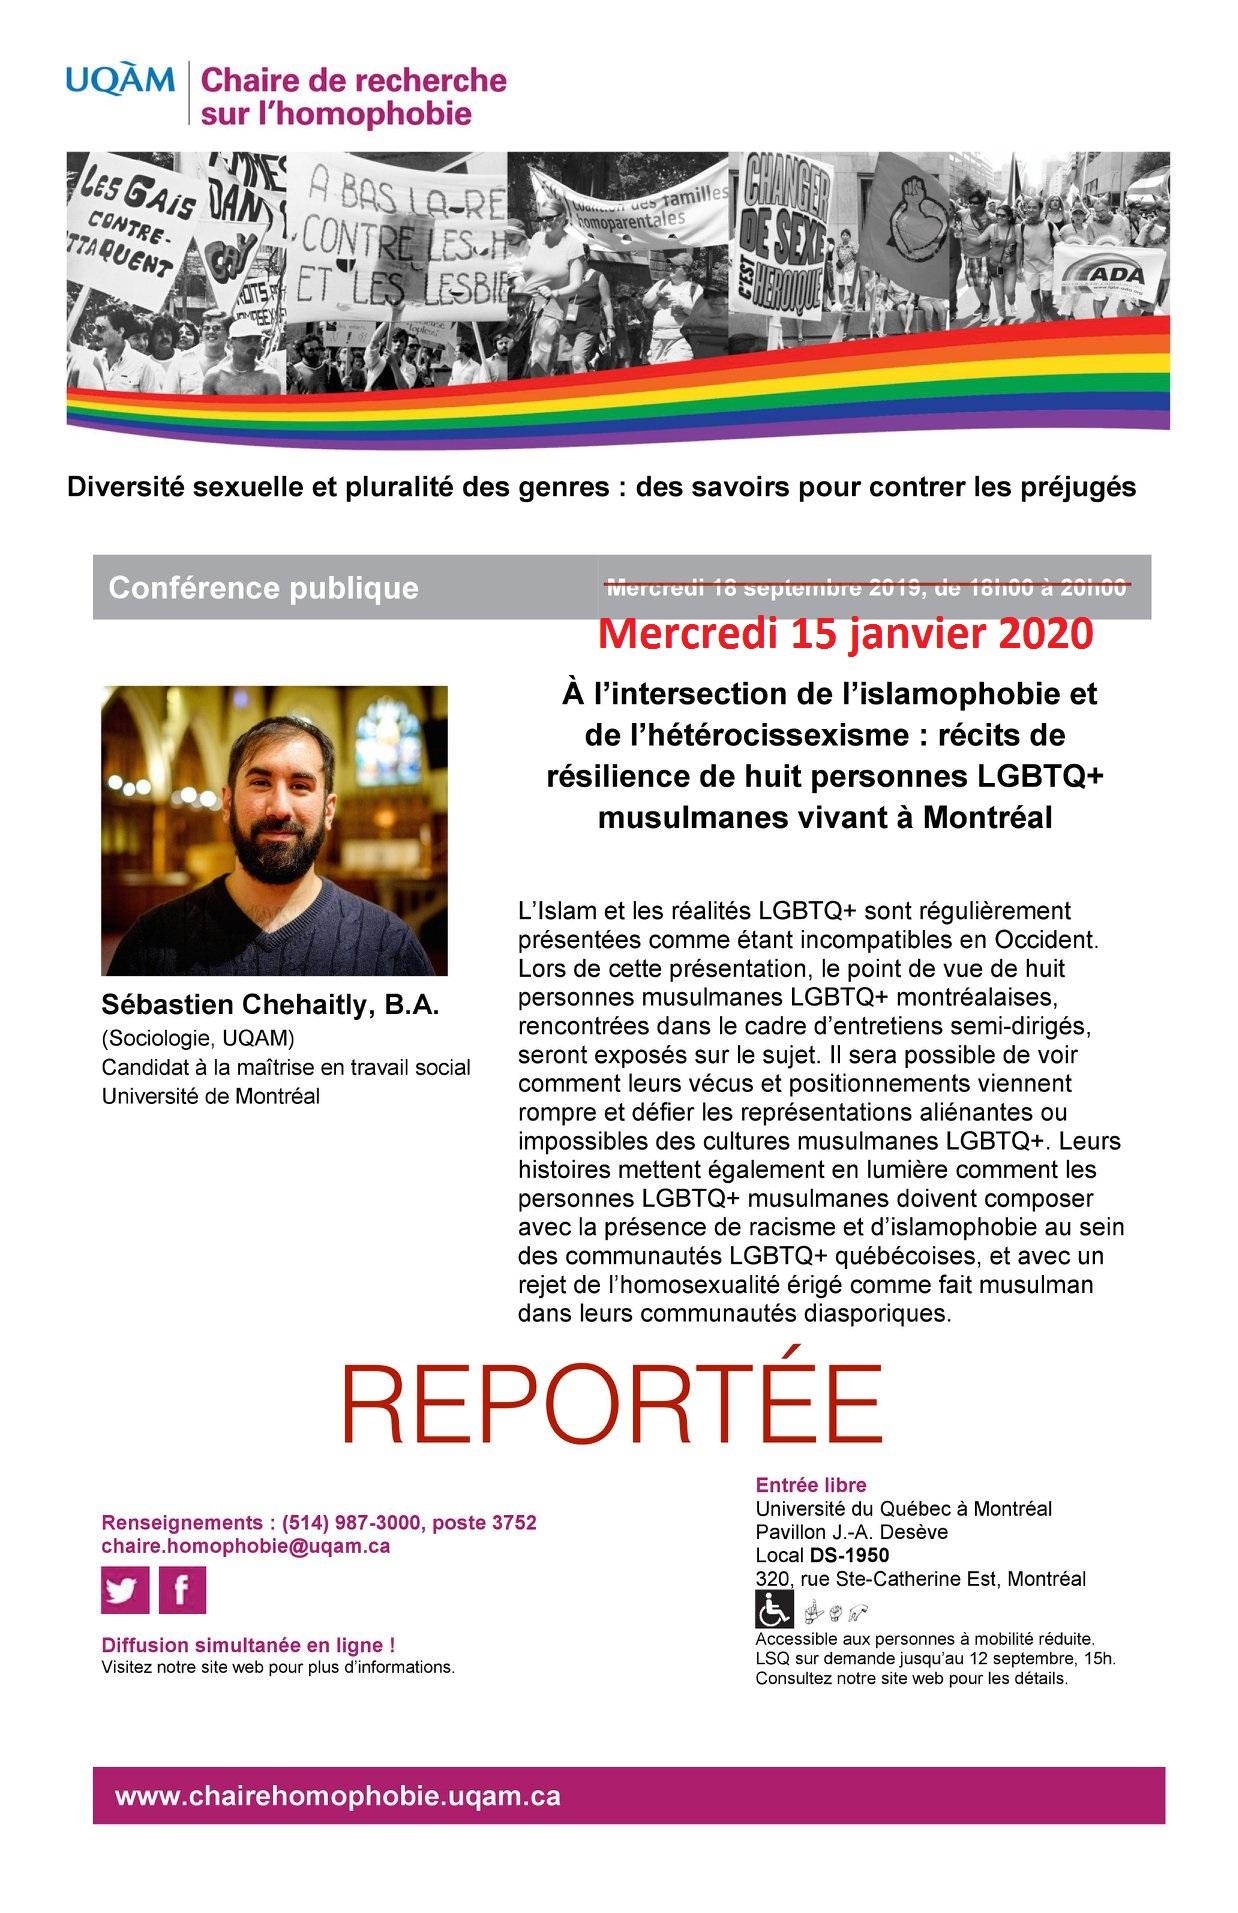 REPORTÉE CONFÉRENCE PUBLIQUE   « À l'intersection de l'islamophobie et de l'hétérocissexisme : récits de résilience de huit personnes LGBTQ+ musulmanes vivant à Montréal »